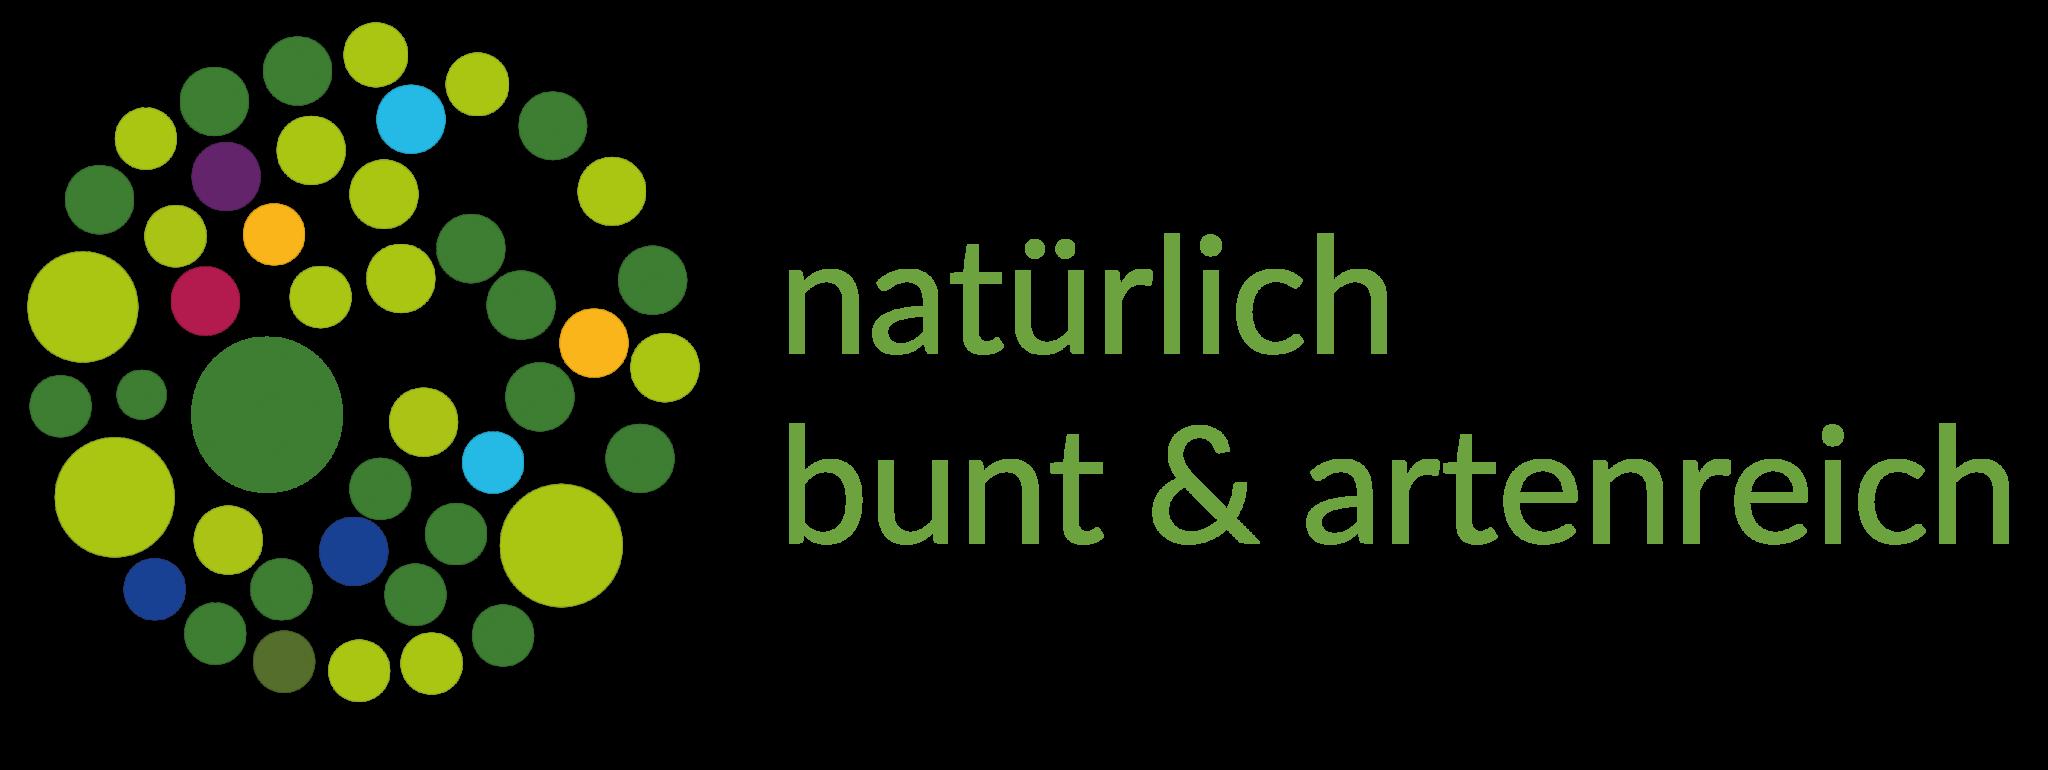 natbunt-logo-300dpi_quer_20160504